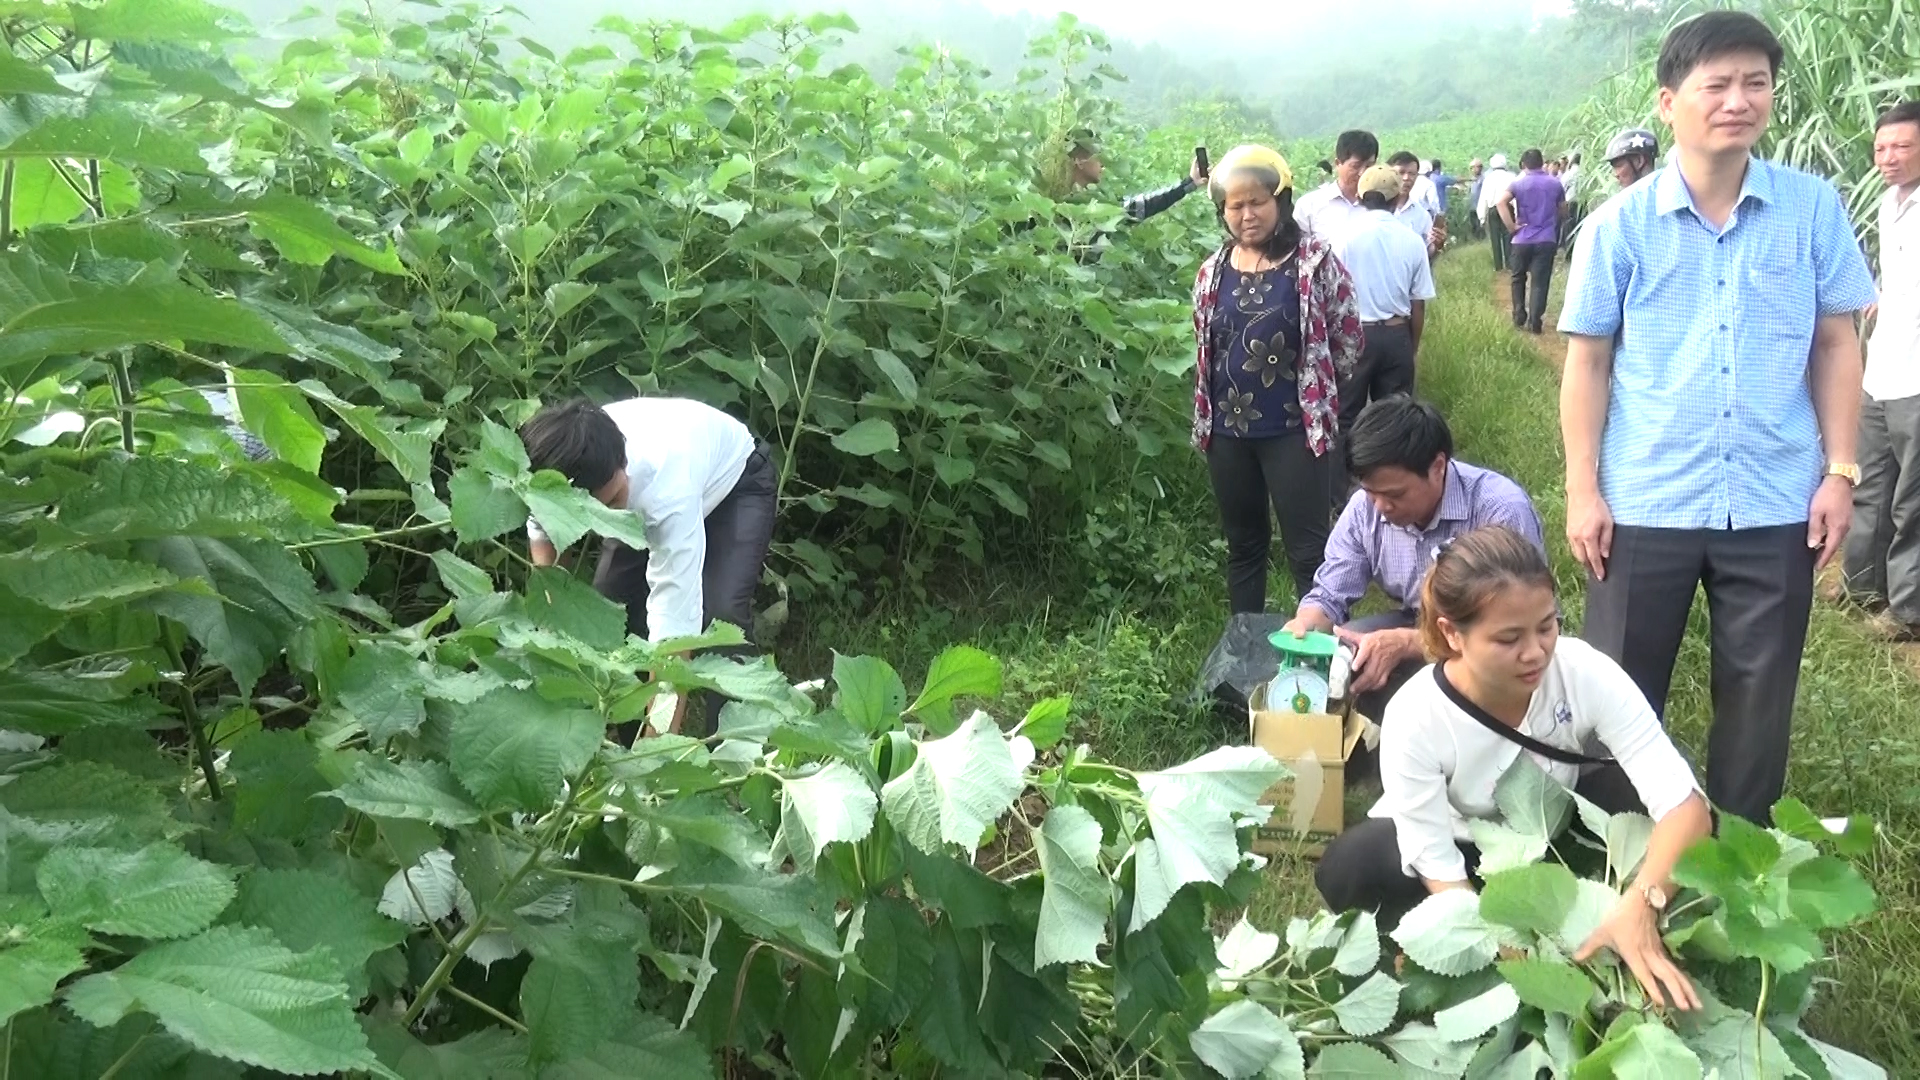 Mô hình trồng cây gai Xanh mang lại hiệu quả kinh tế cao cho người dân huyện Cẩm Thủy